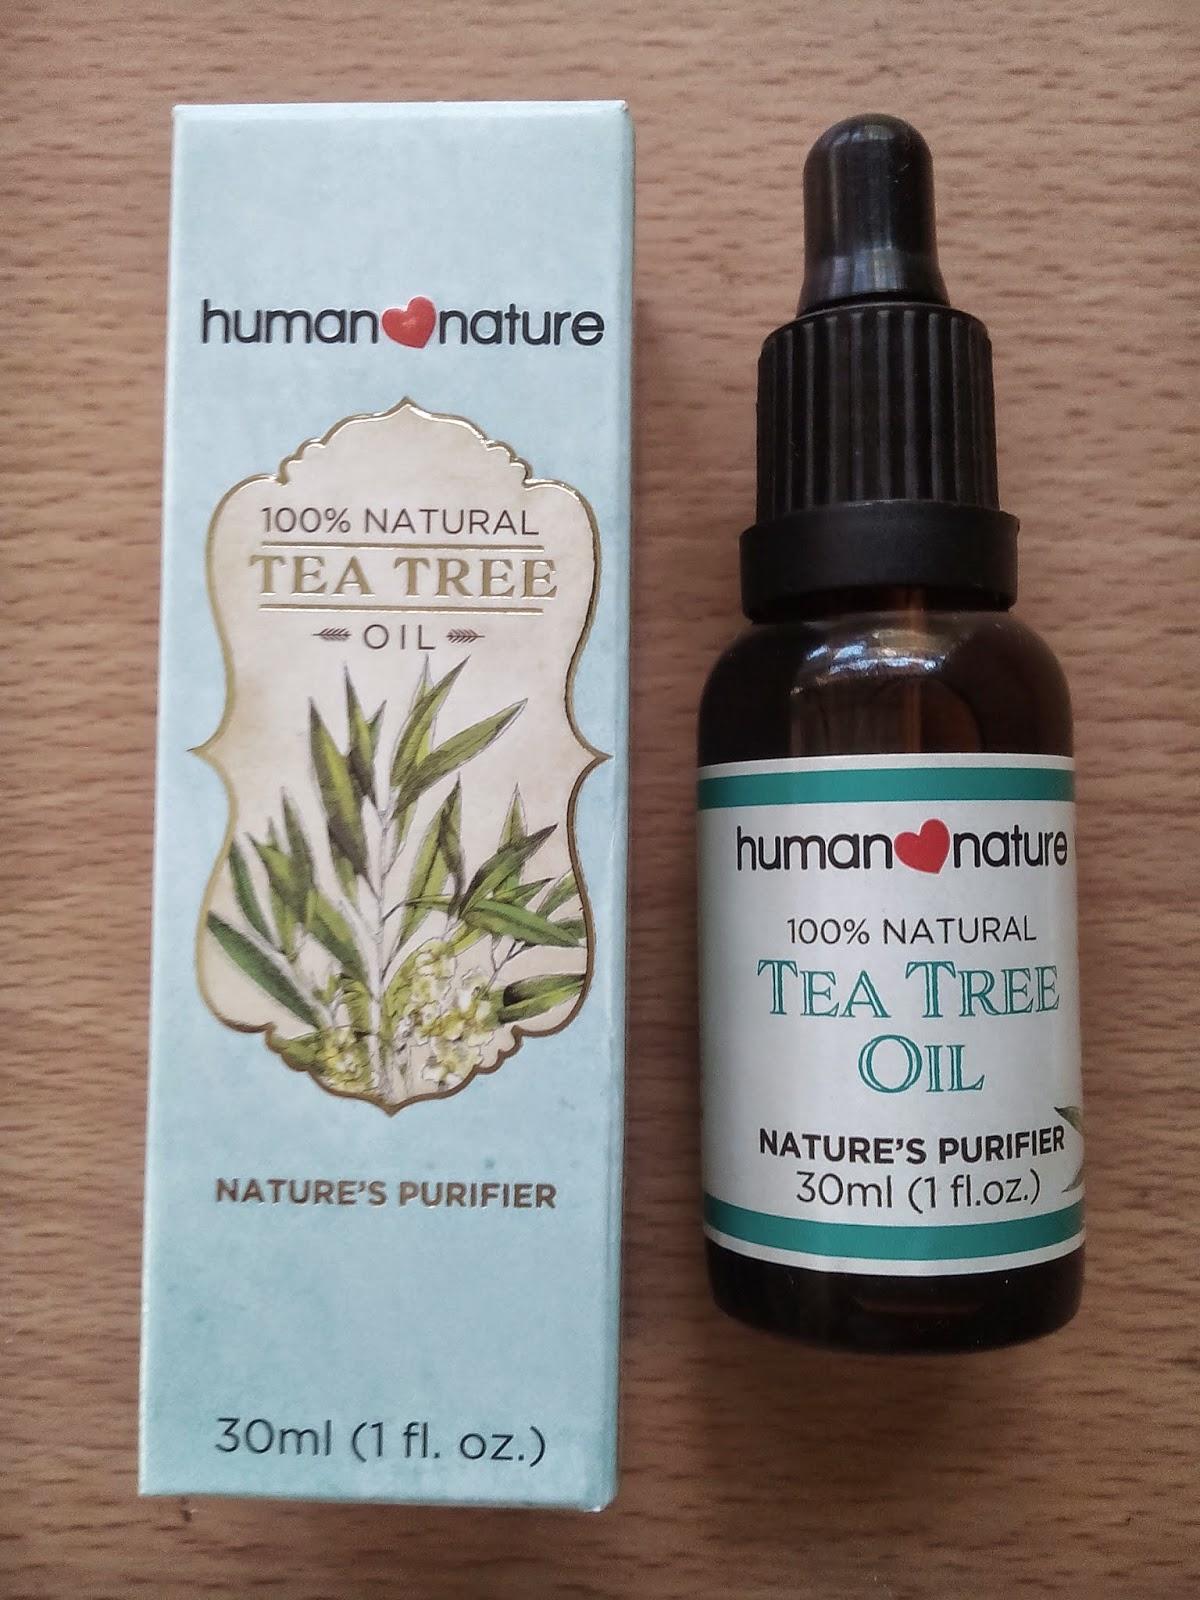 Human Nature tea tree oil